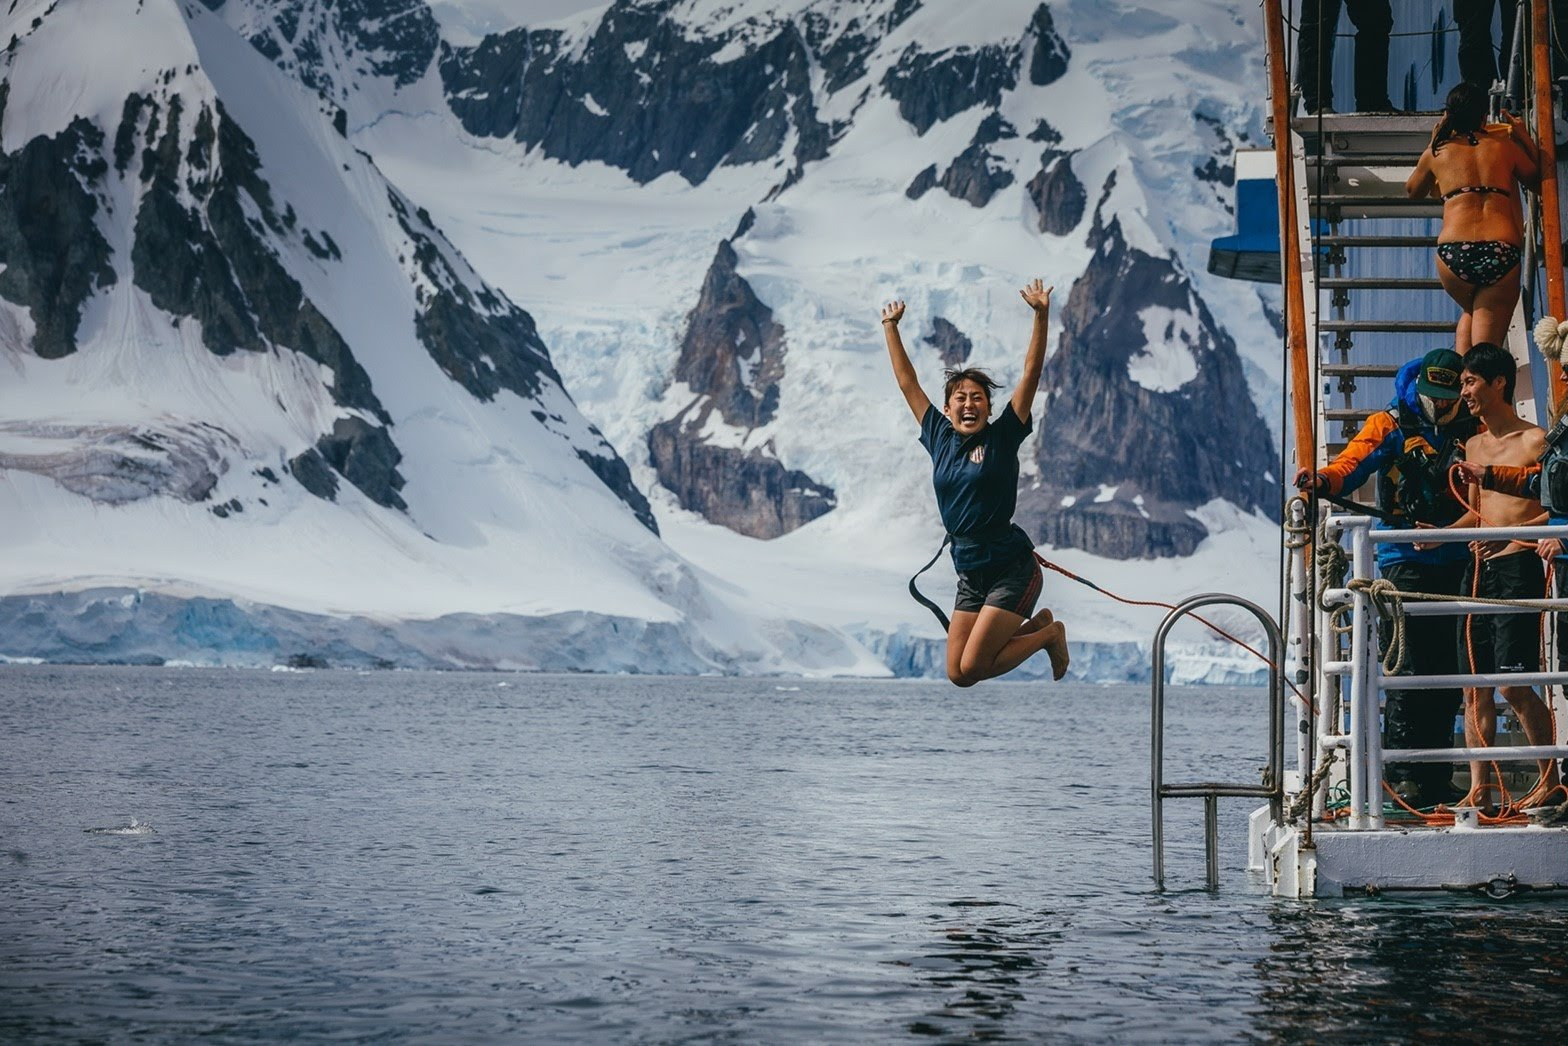 【おうちで南極体験】教えて!添乗員さん 南極クルーズってどんなツアー? <第2回>